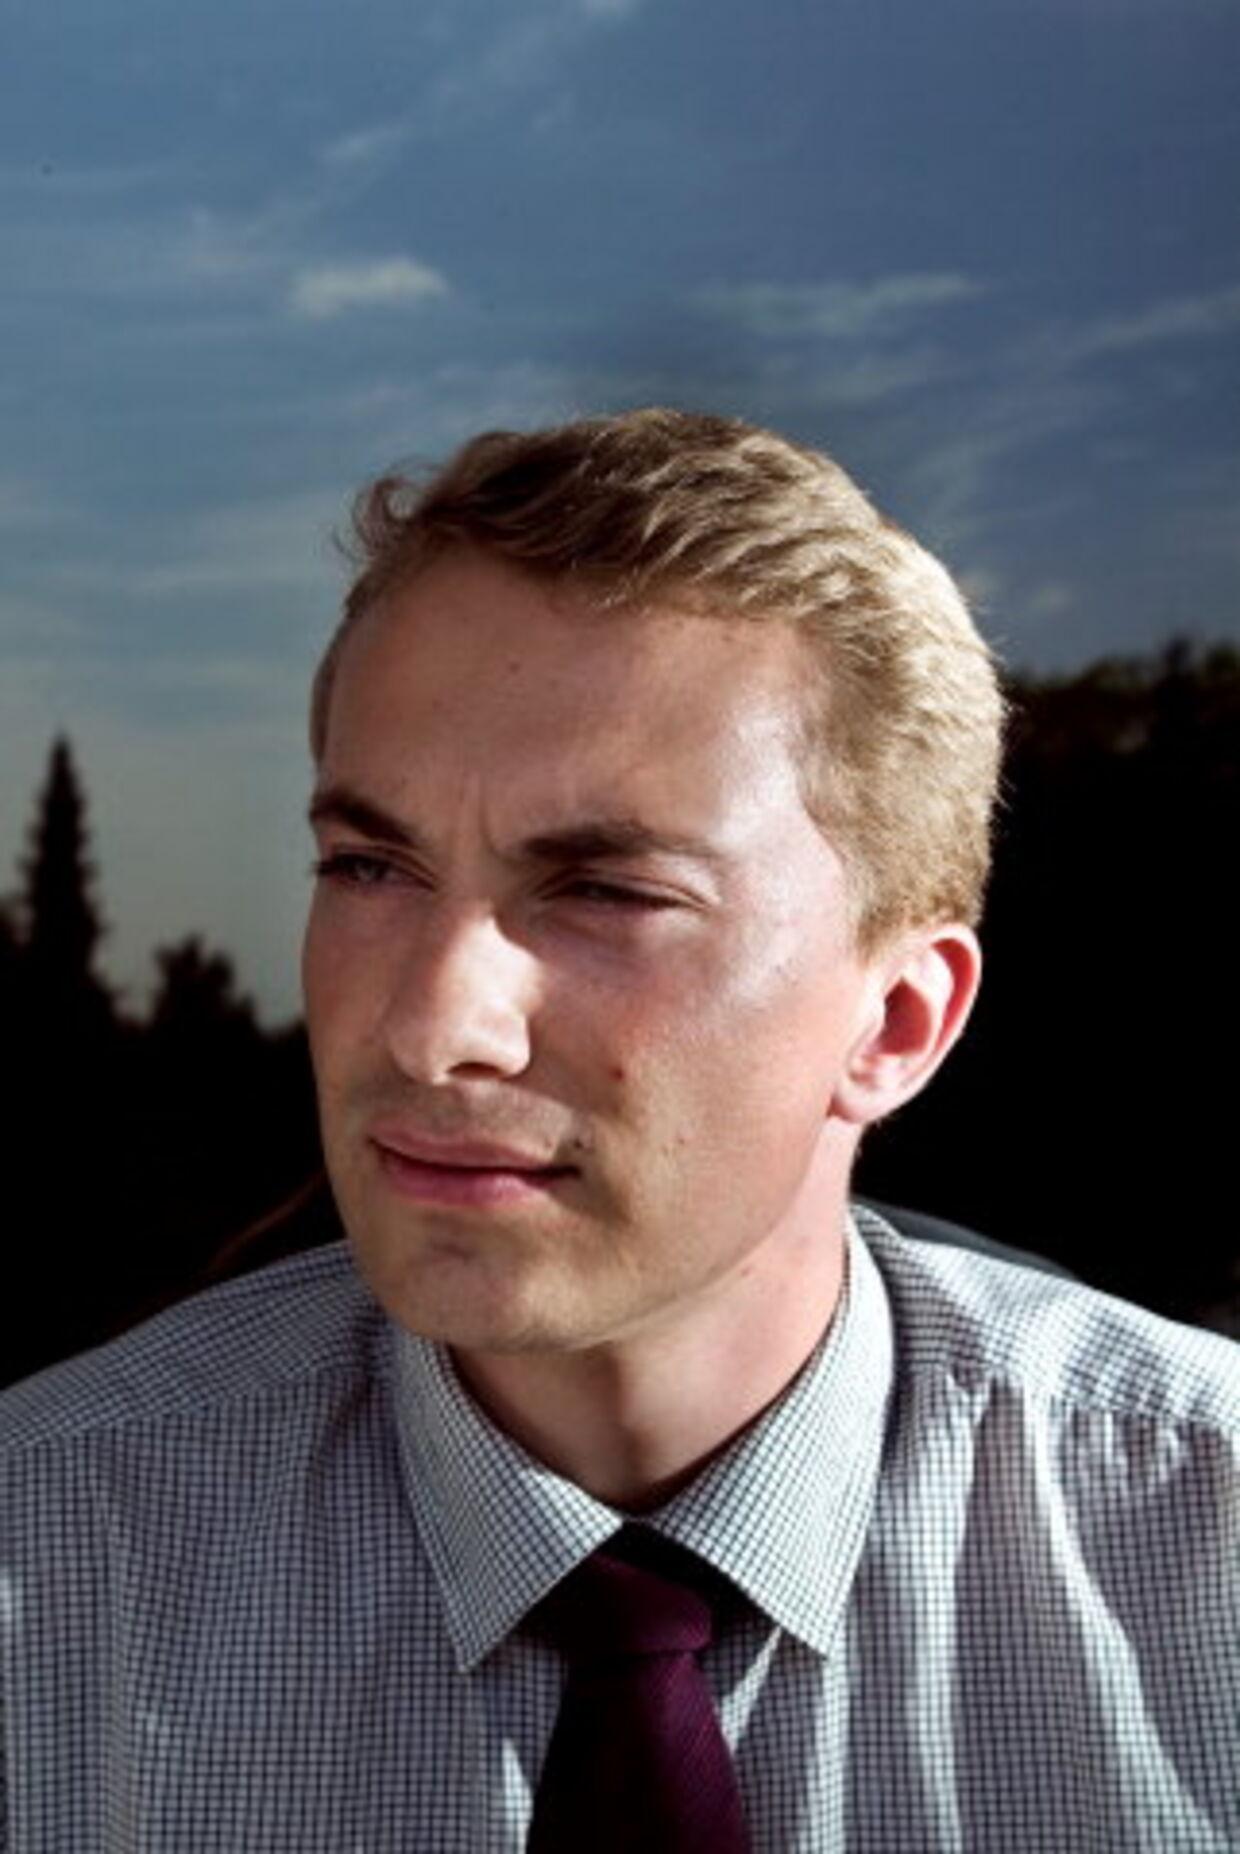 Morten Messerschmidt husker ikke så meget fra aftenen, men mener selv, at han var usmagelig.